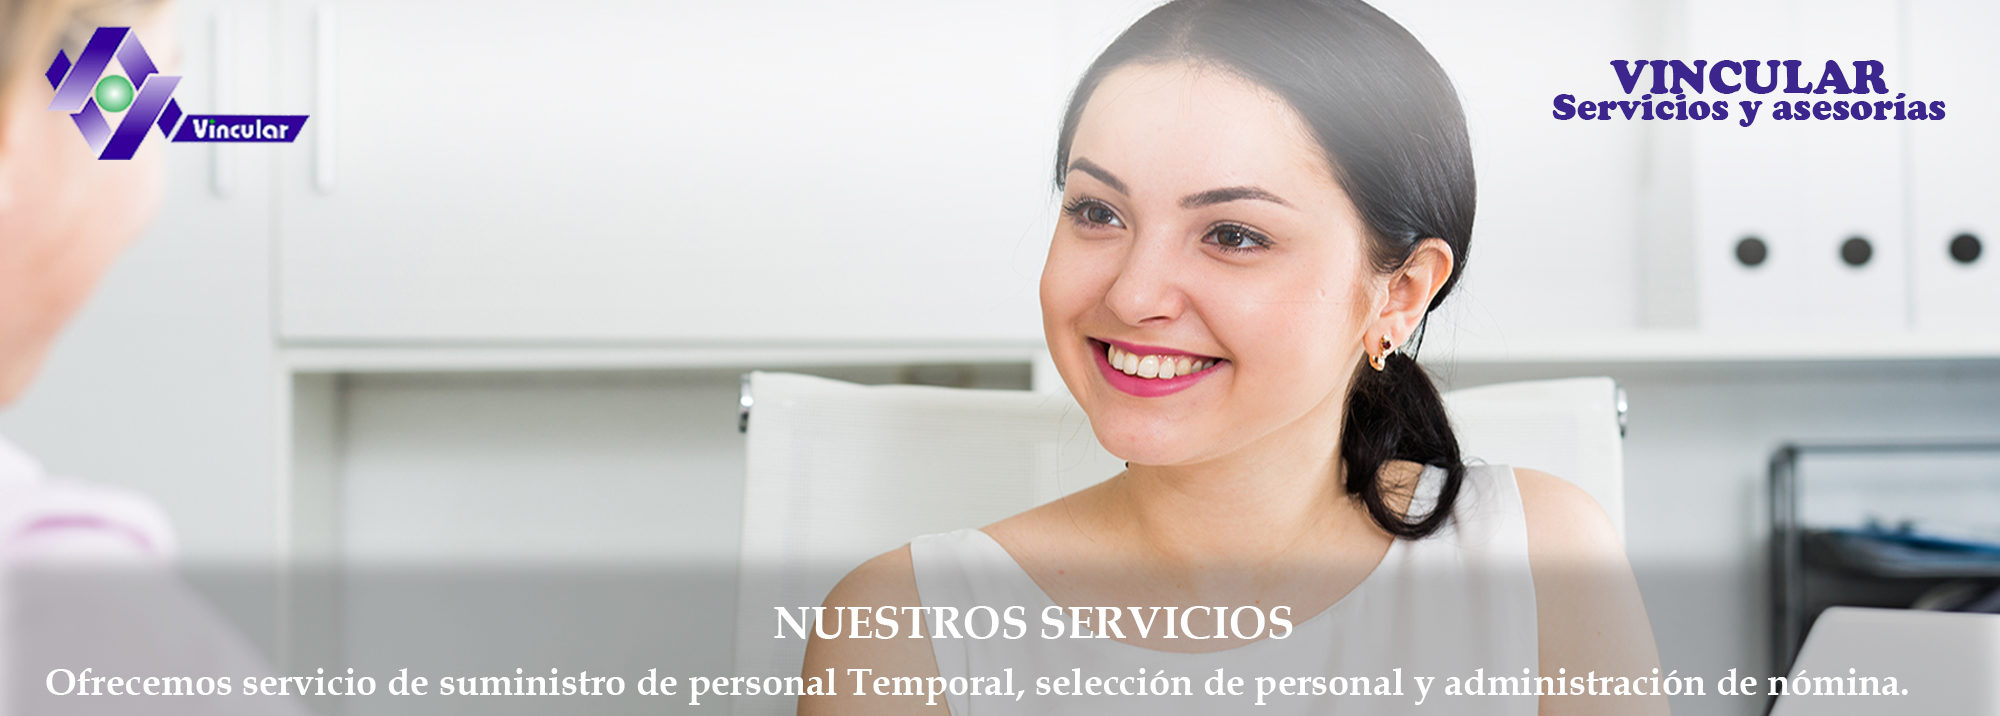 Vincular – Servicios Temporales y asesorías – Cartagena